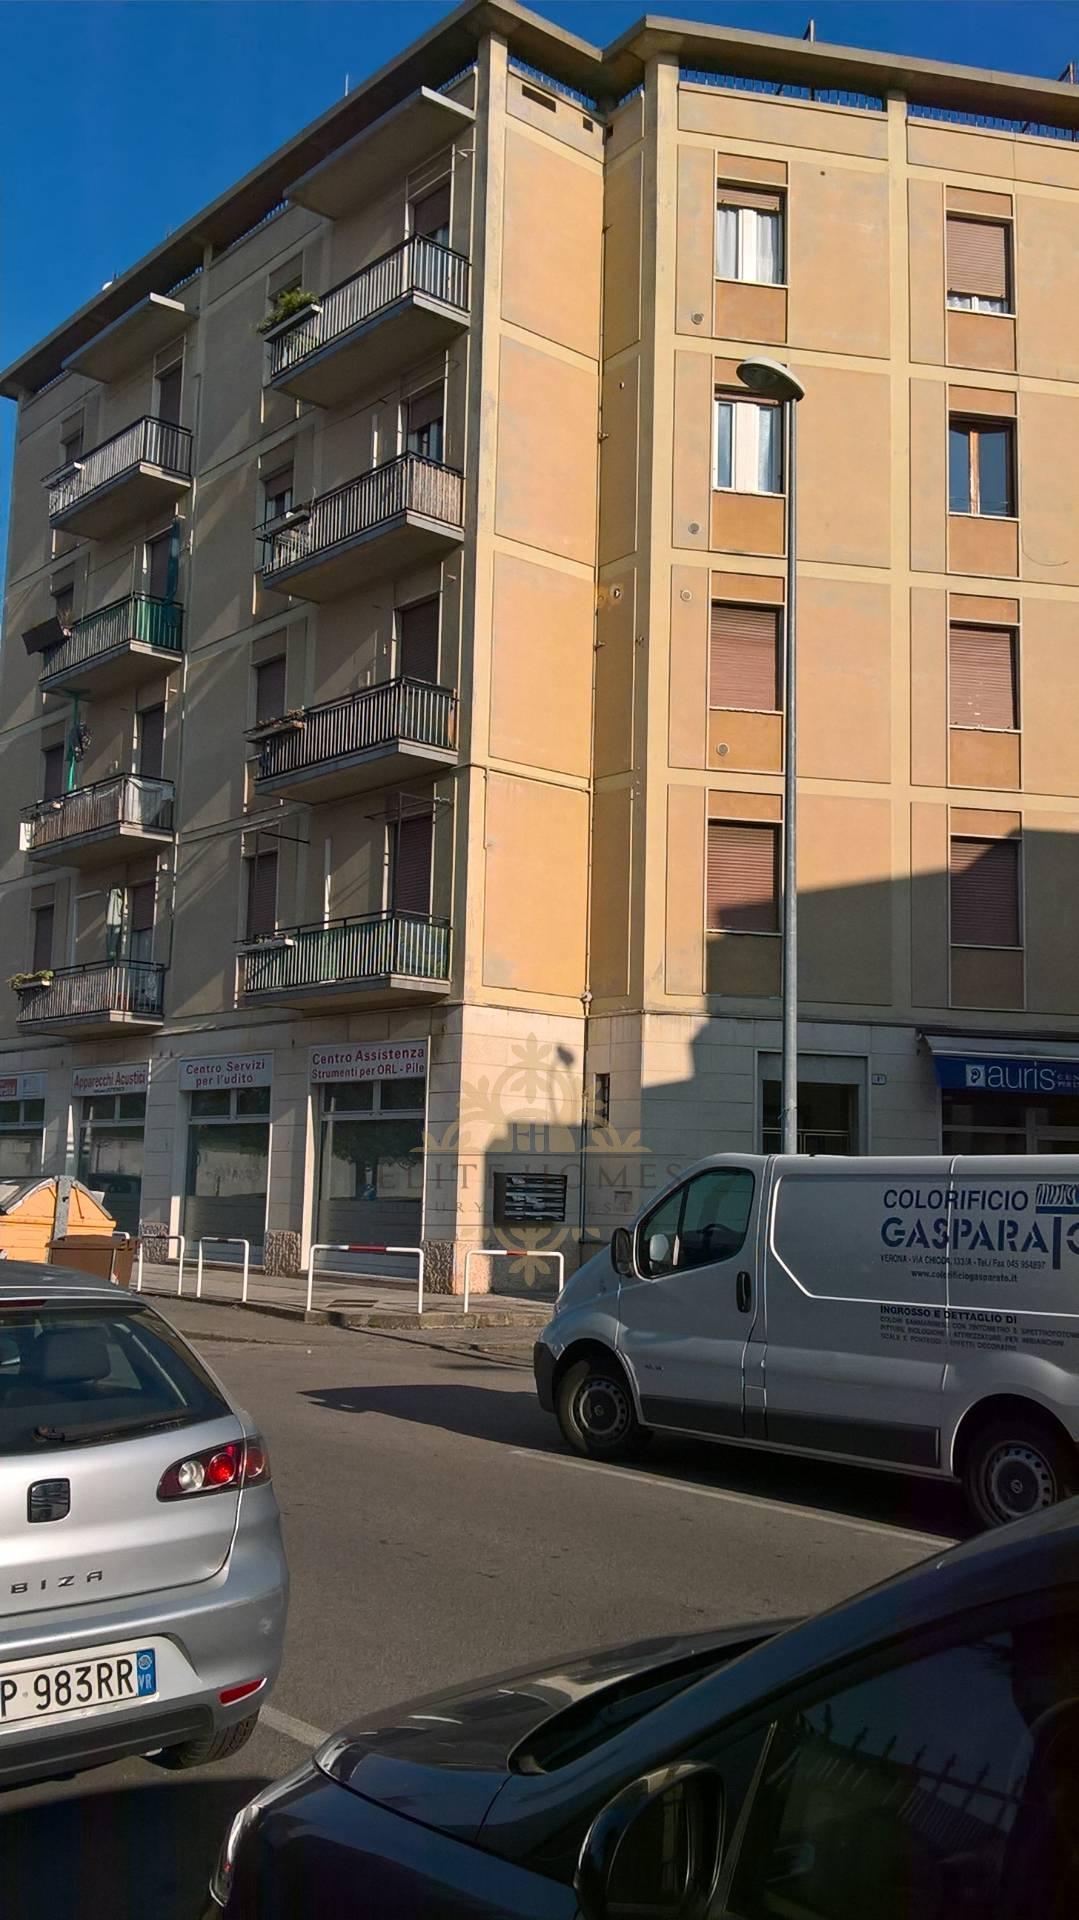 Appartamento in vendita a Verona, 3 locali, zona Zona: 11 . Santa Lucia - Golosine, prezzo € 70.000 | Cambio Casa.it